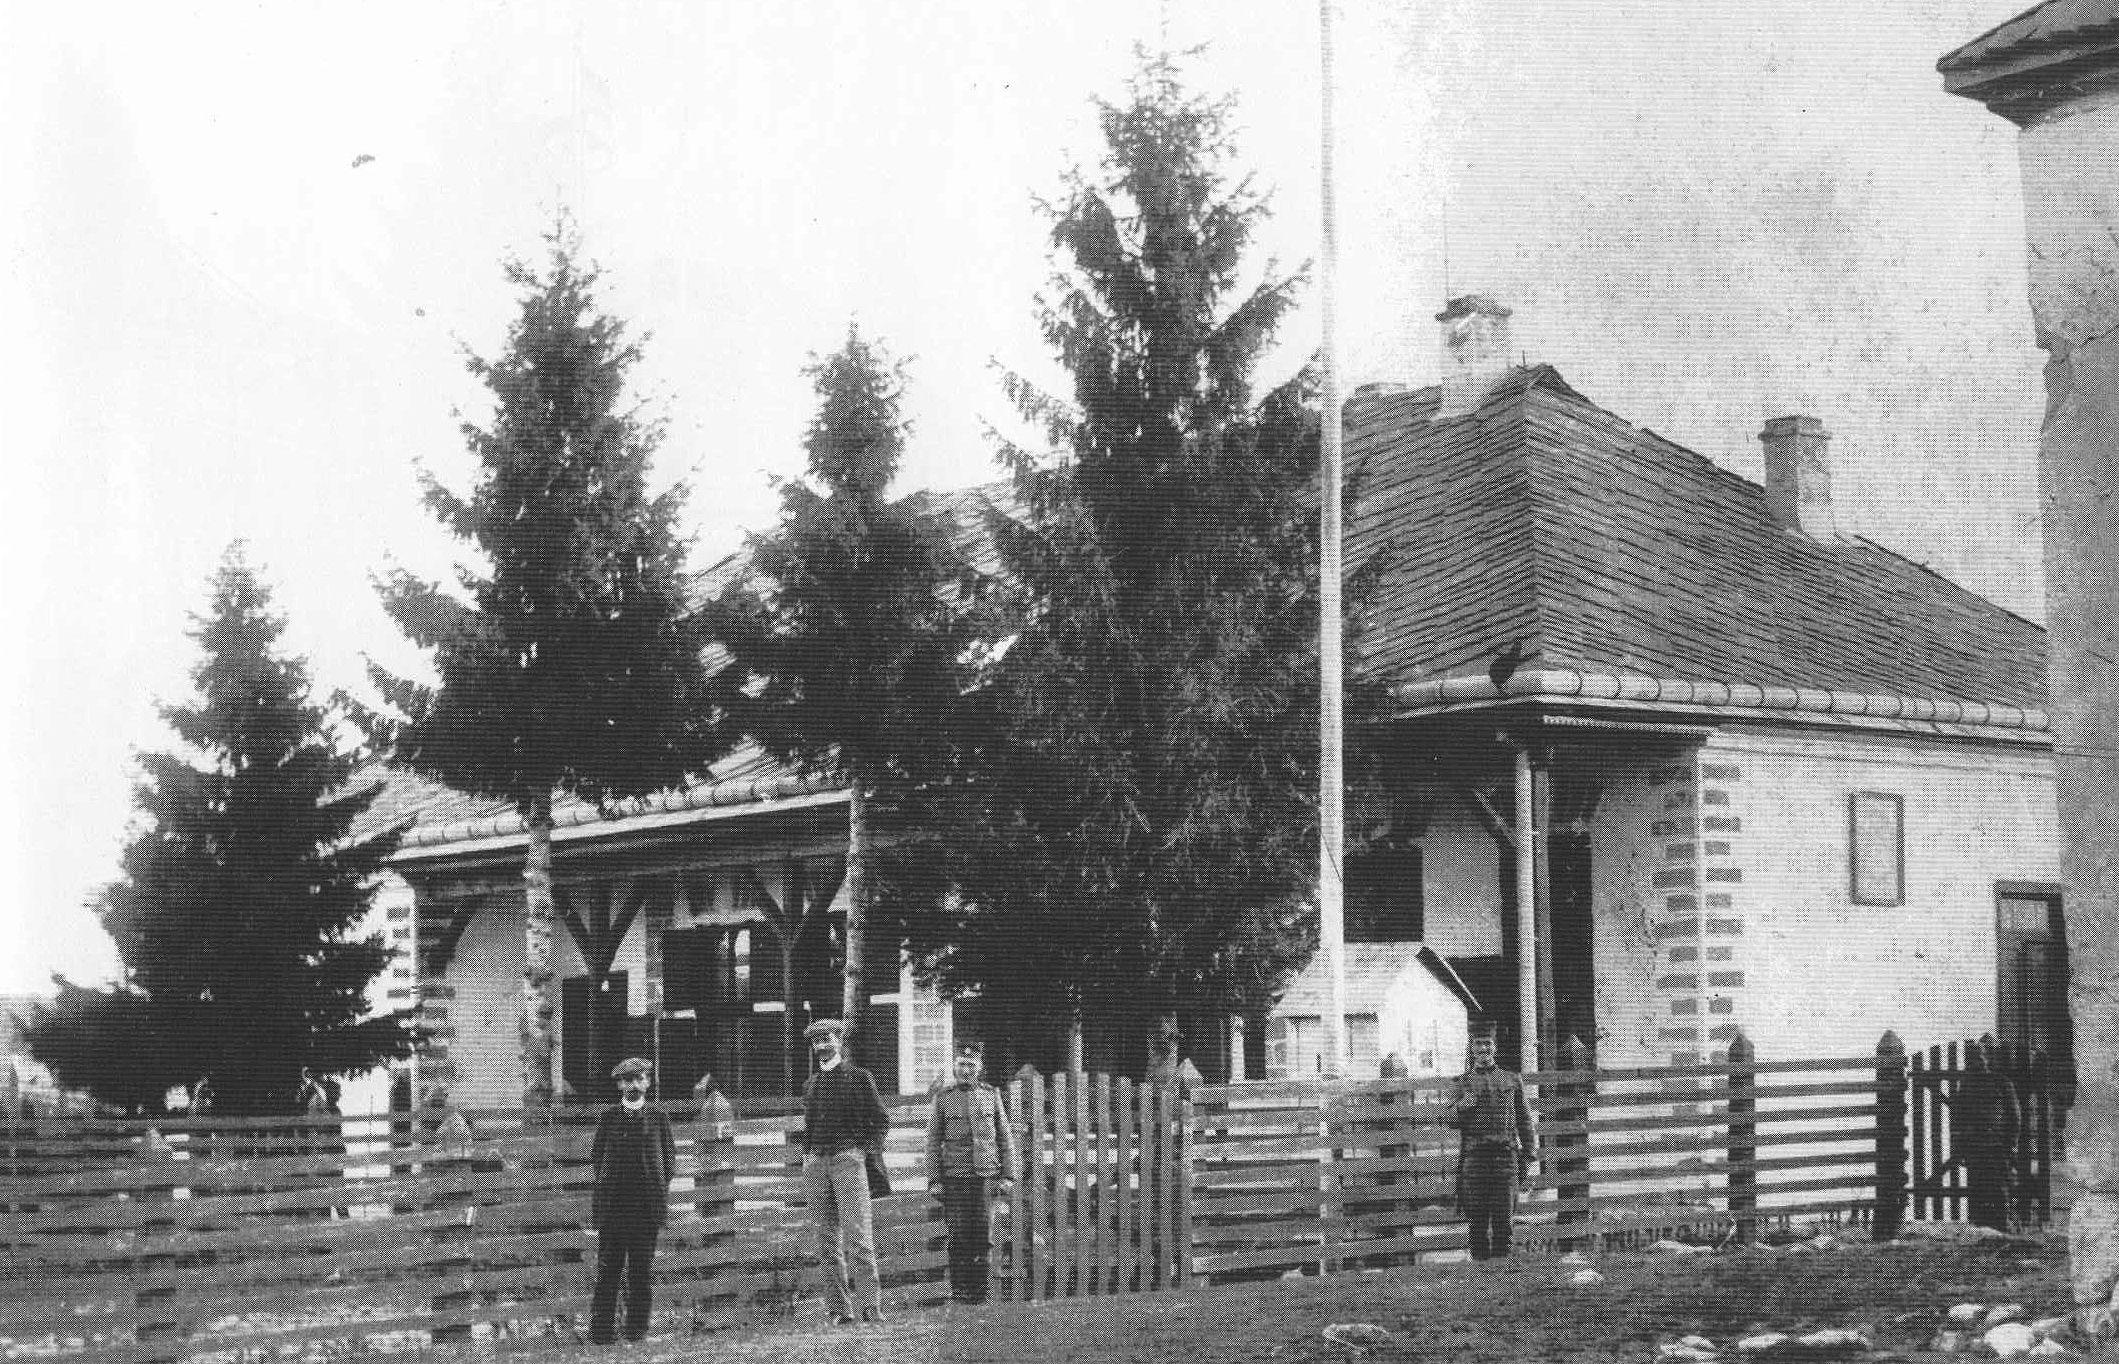 Српска царинарница и караула на Јавору 1912. (Фото: Збирка Библиотеке)